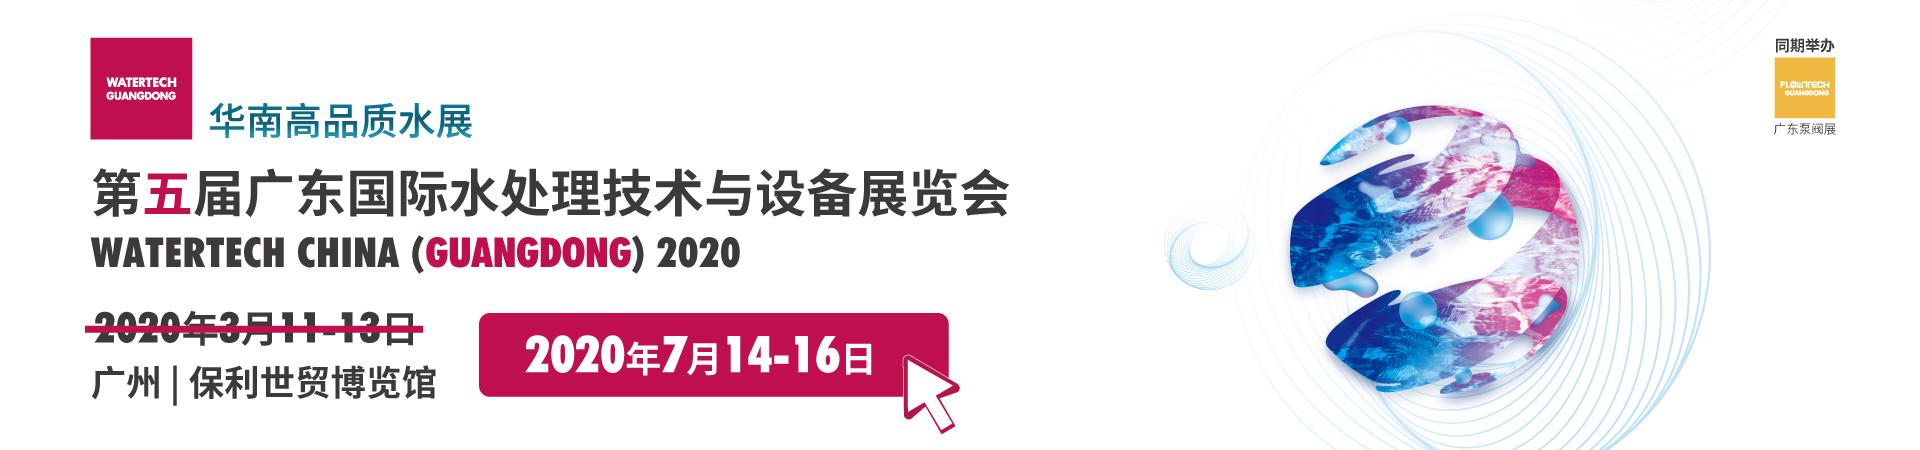 2020广东banner